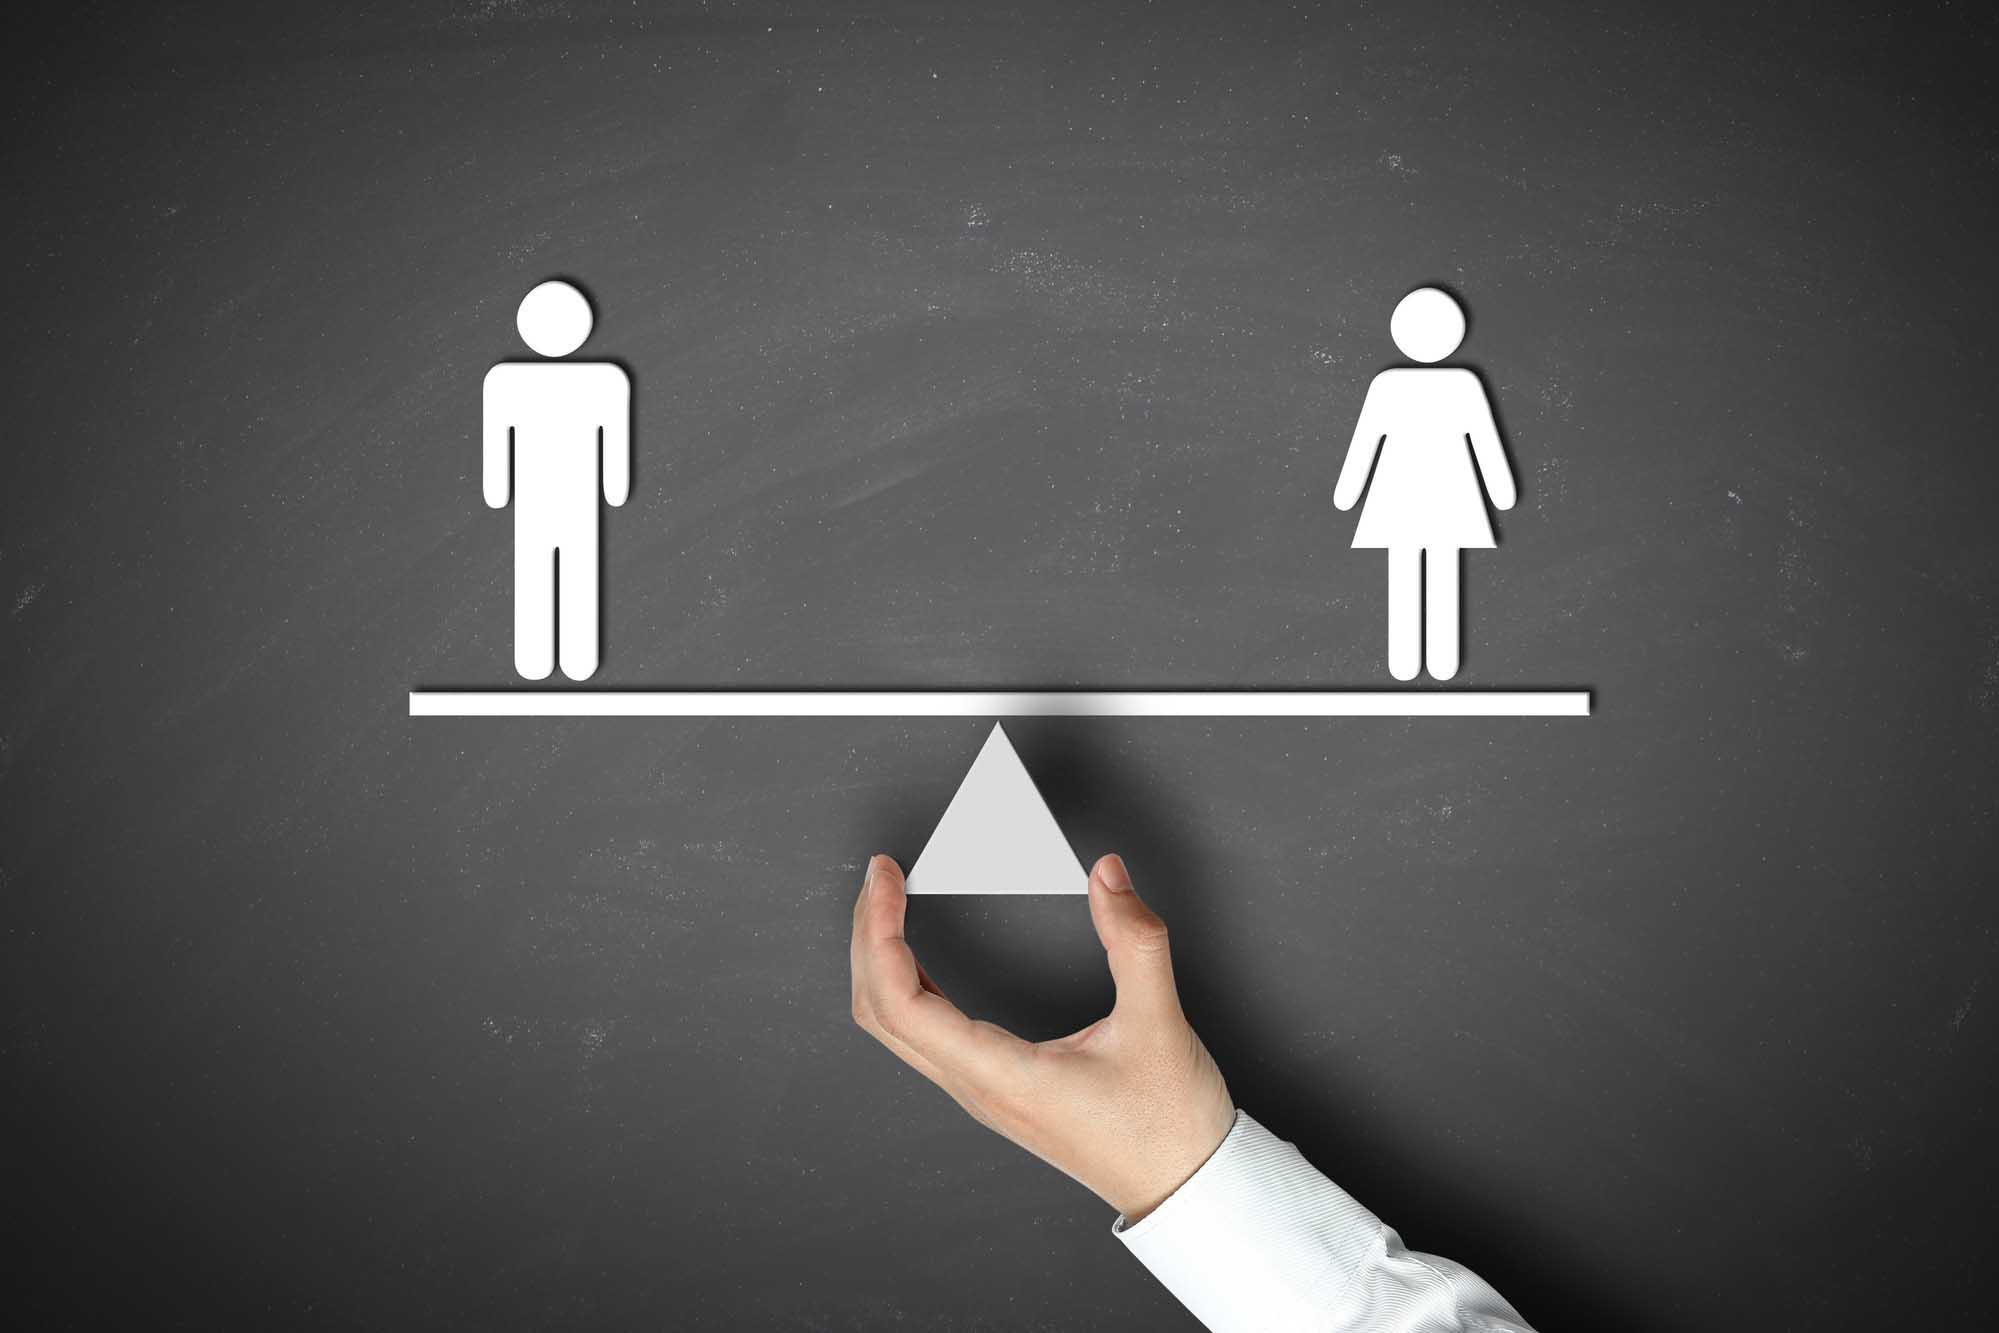 اصلاح قانون مهریه و تضعیف حقوق زنان توسط مجلس